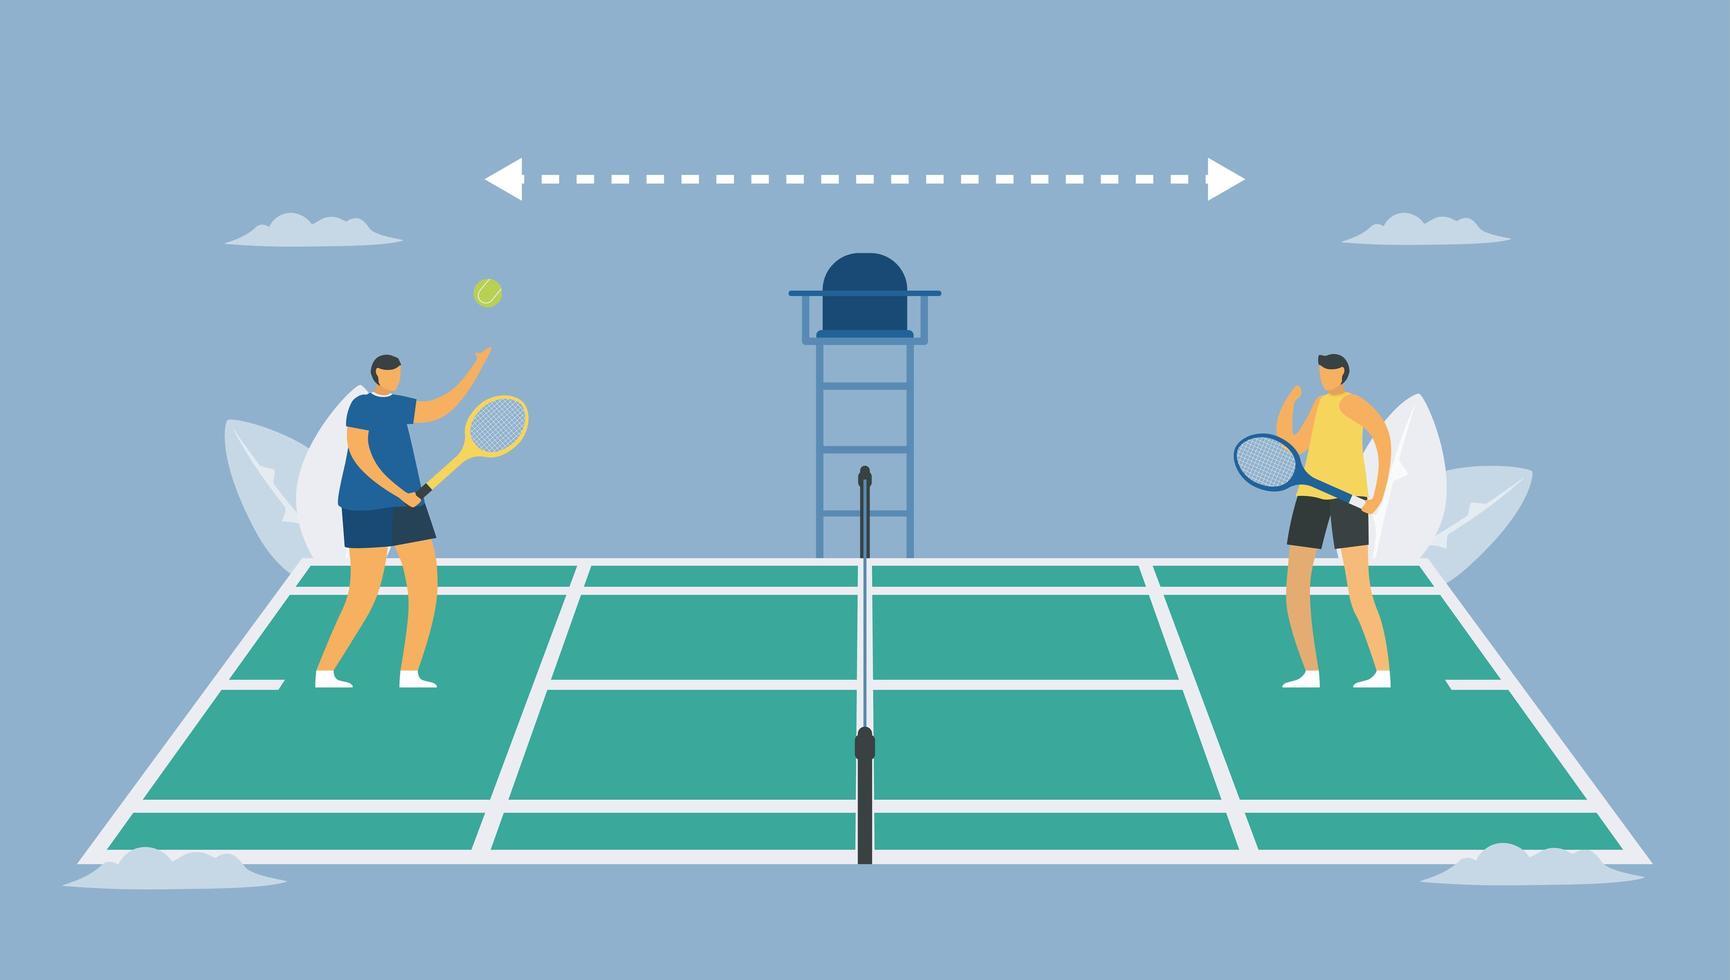 distanciation sociale dans le sport de tennis. vecteur